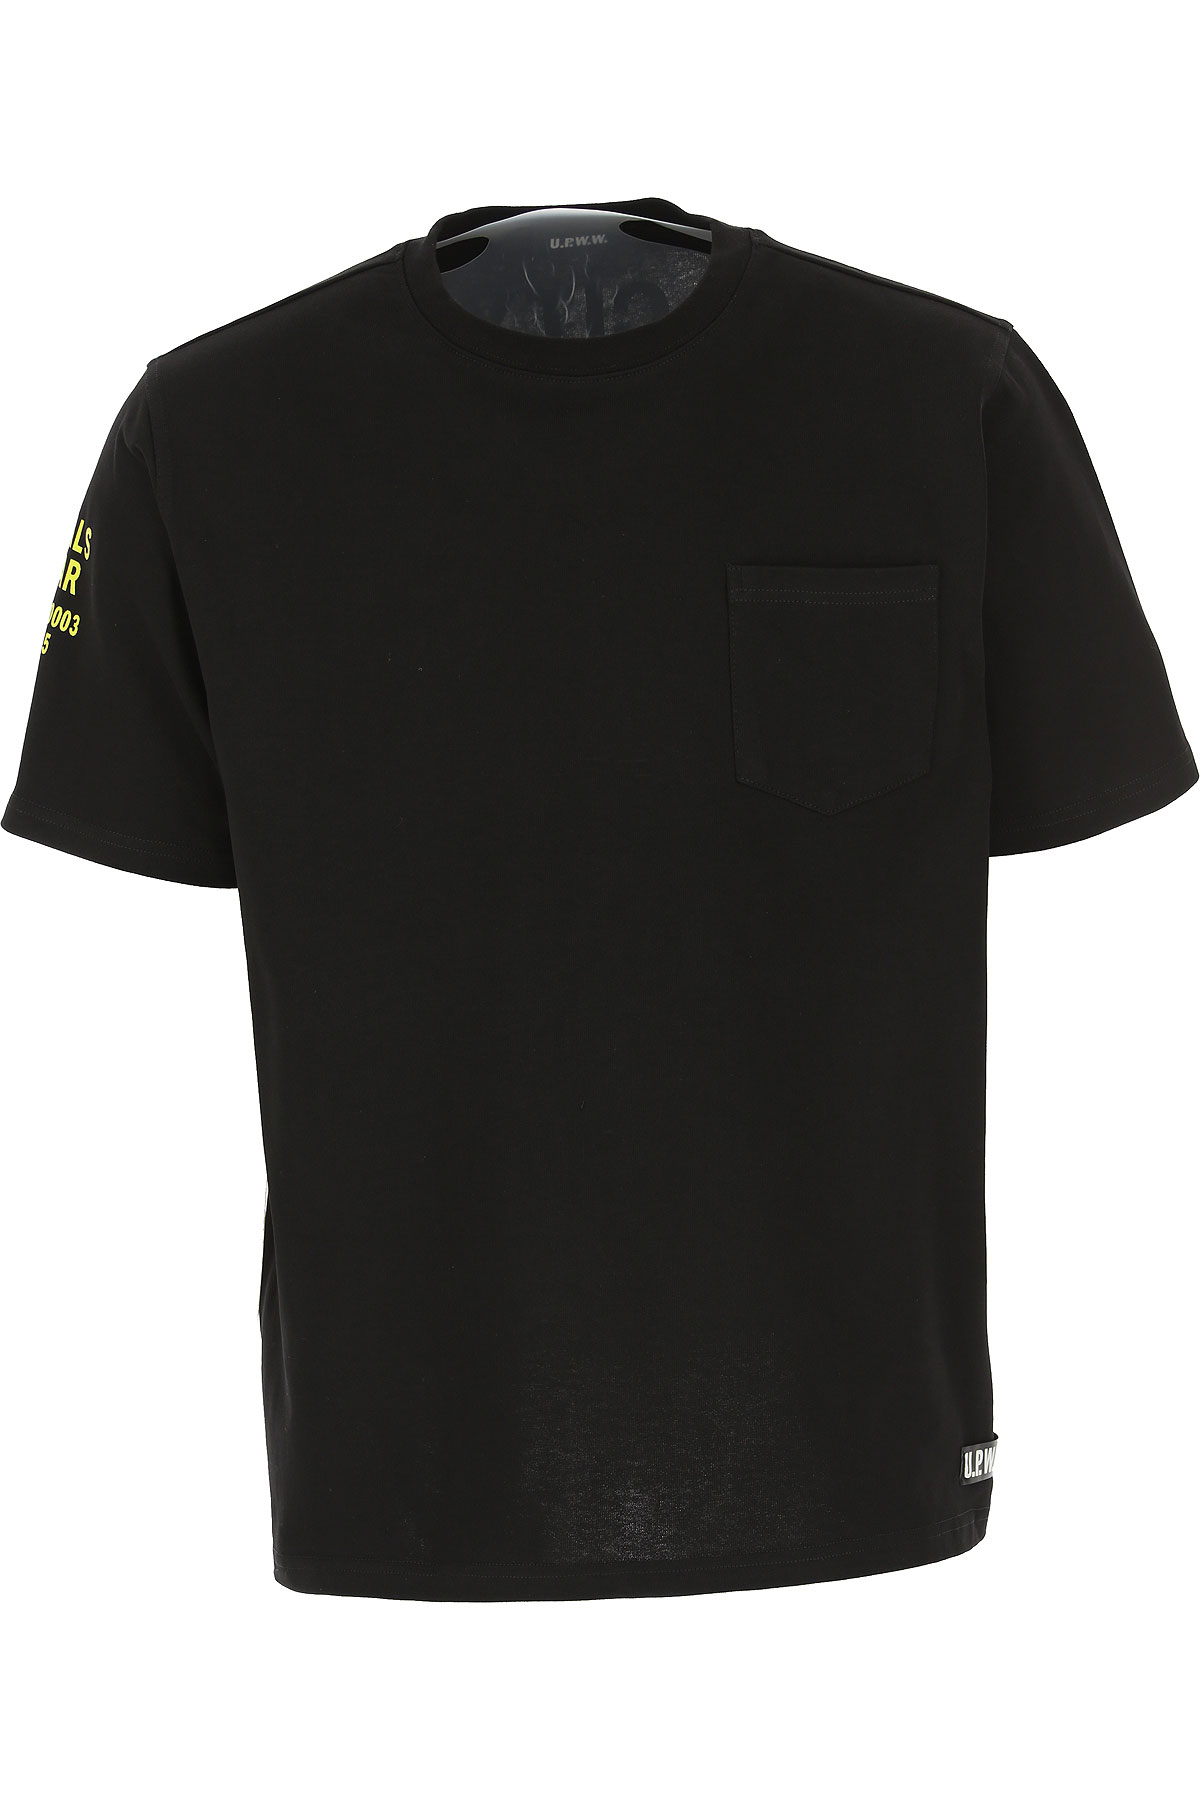 U.P.W.W. T-shirt Homme Pas cher en Soldes, Noir, Coton, 2019, L M S XS